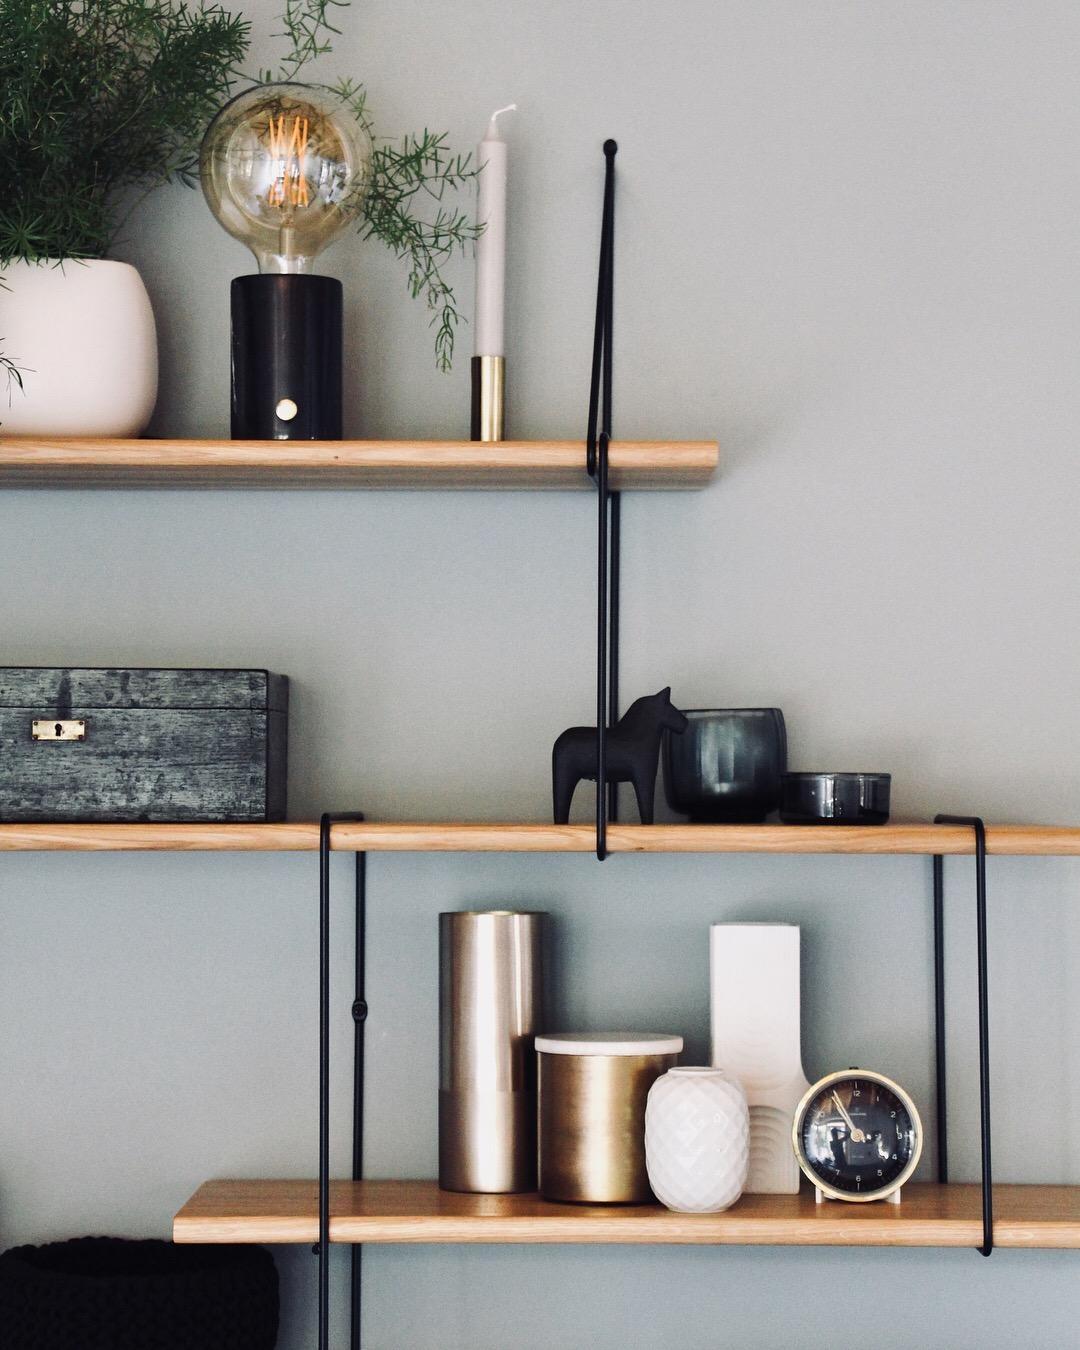 Lampen-Ideen: Finde deine Deckenleuchte bei COUCH!